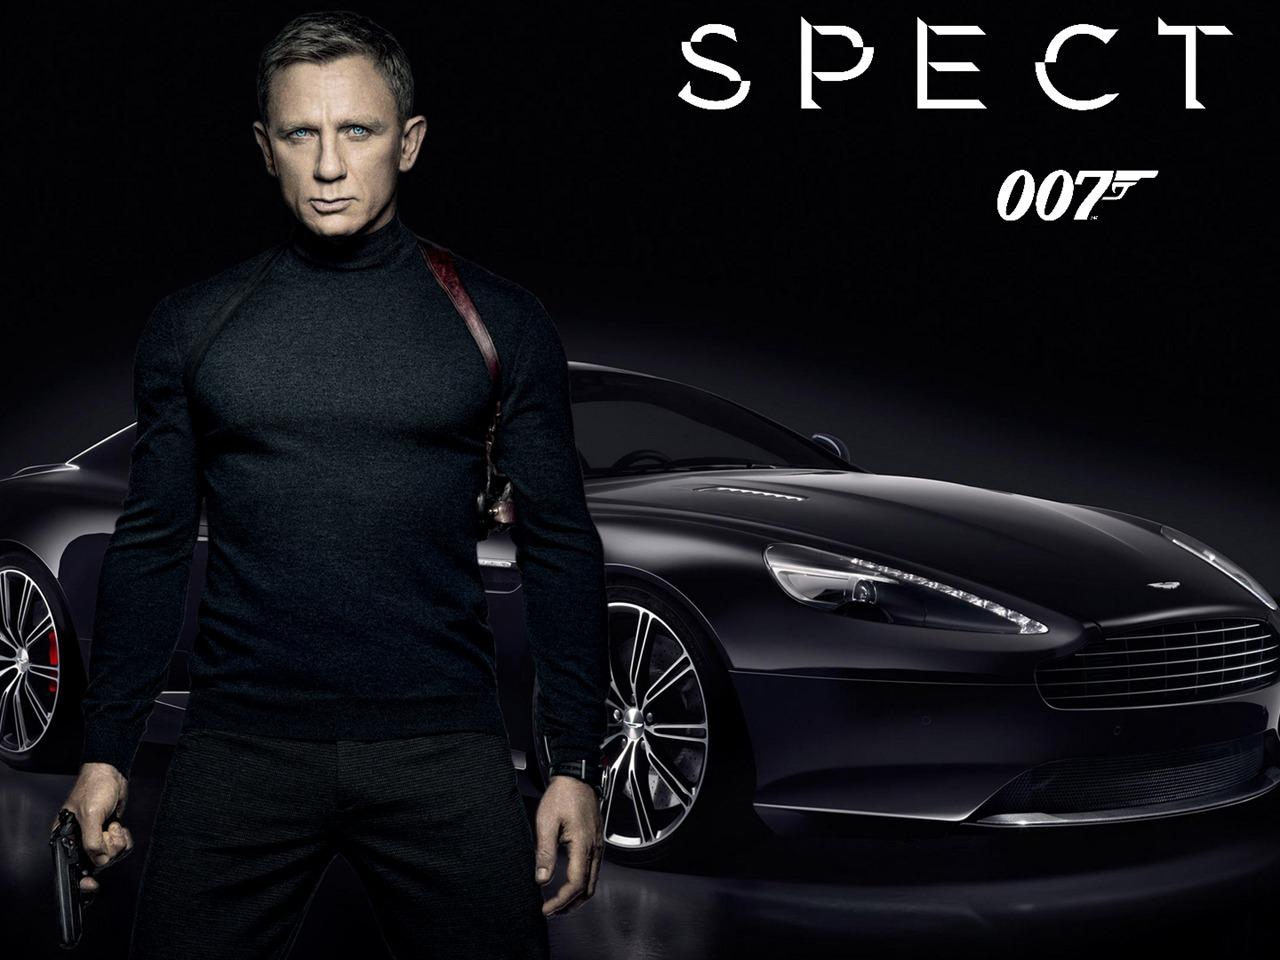 幽灵党2015詹姆斯 183 邦德007电影壁纸预览 10wallpaper Com